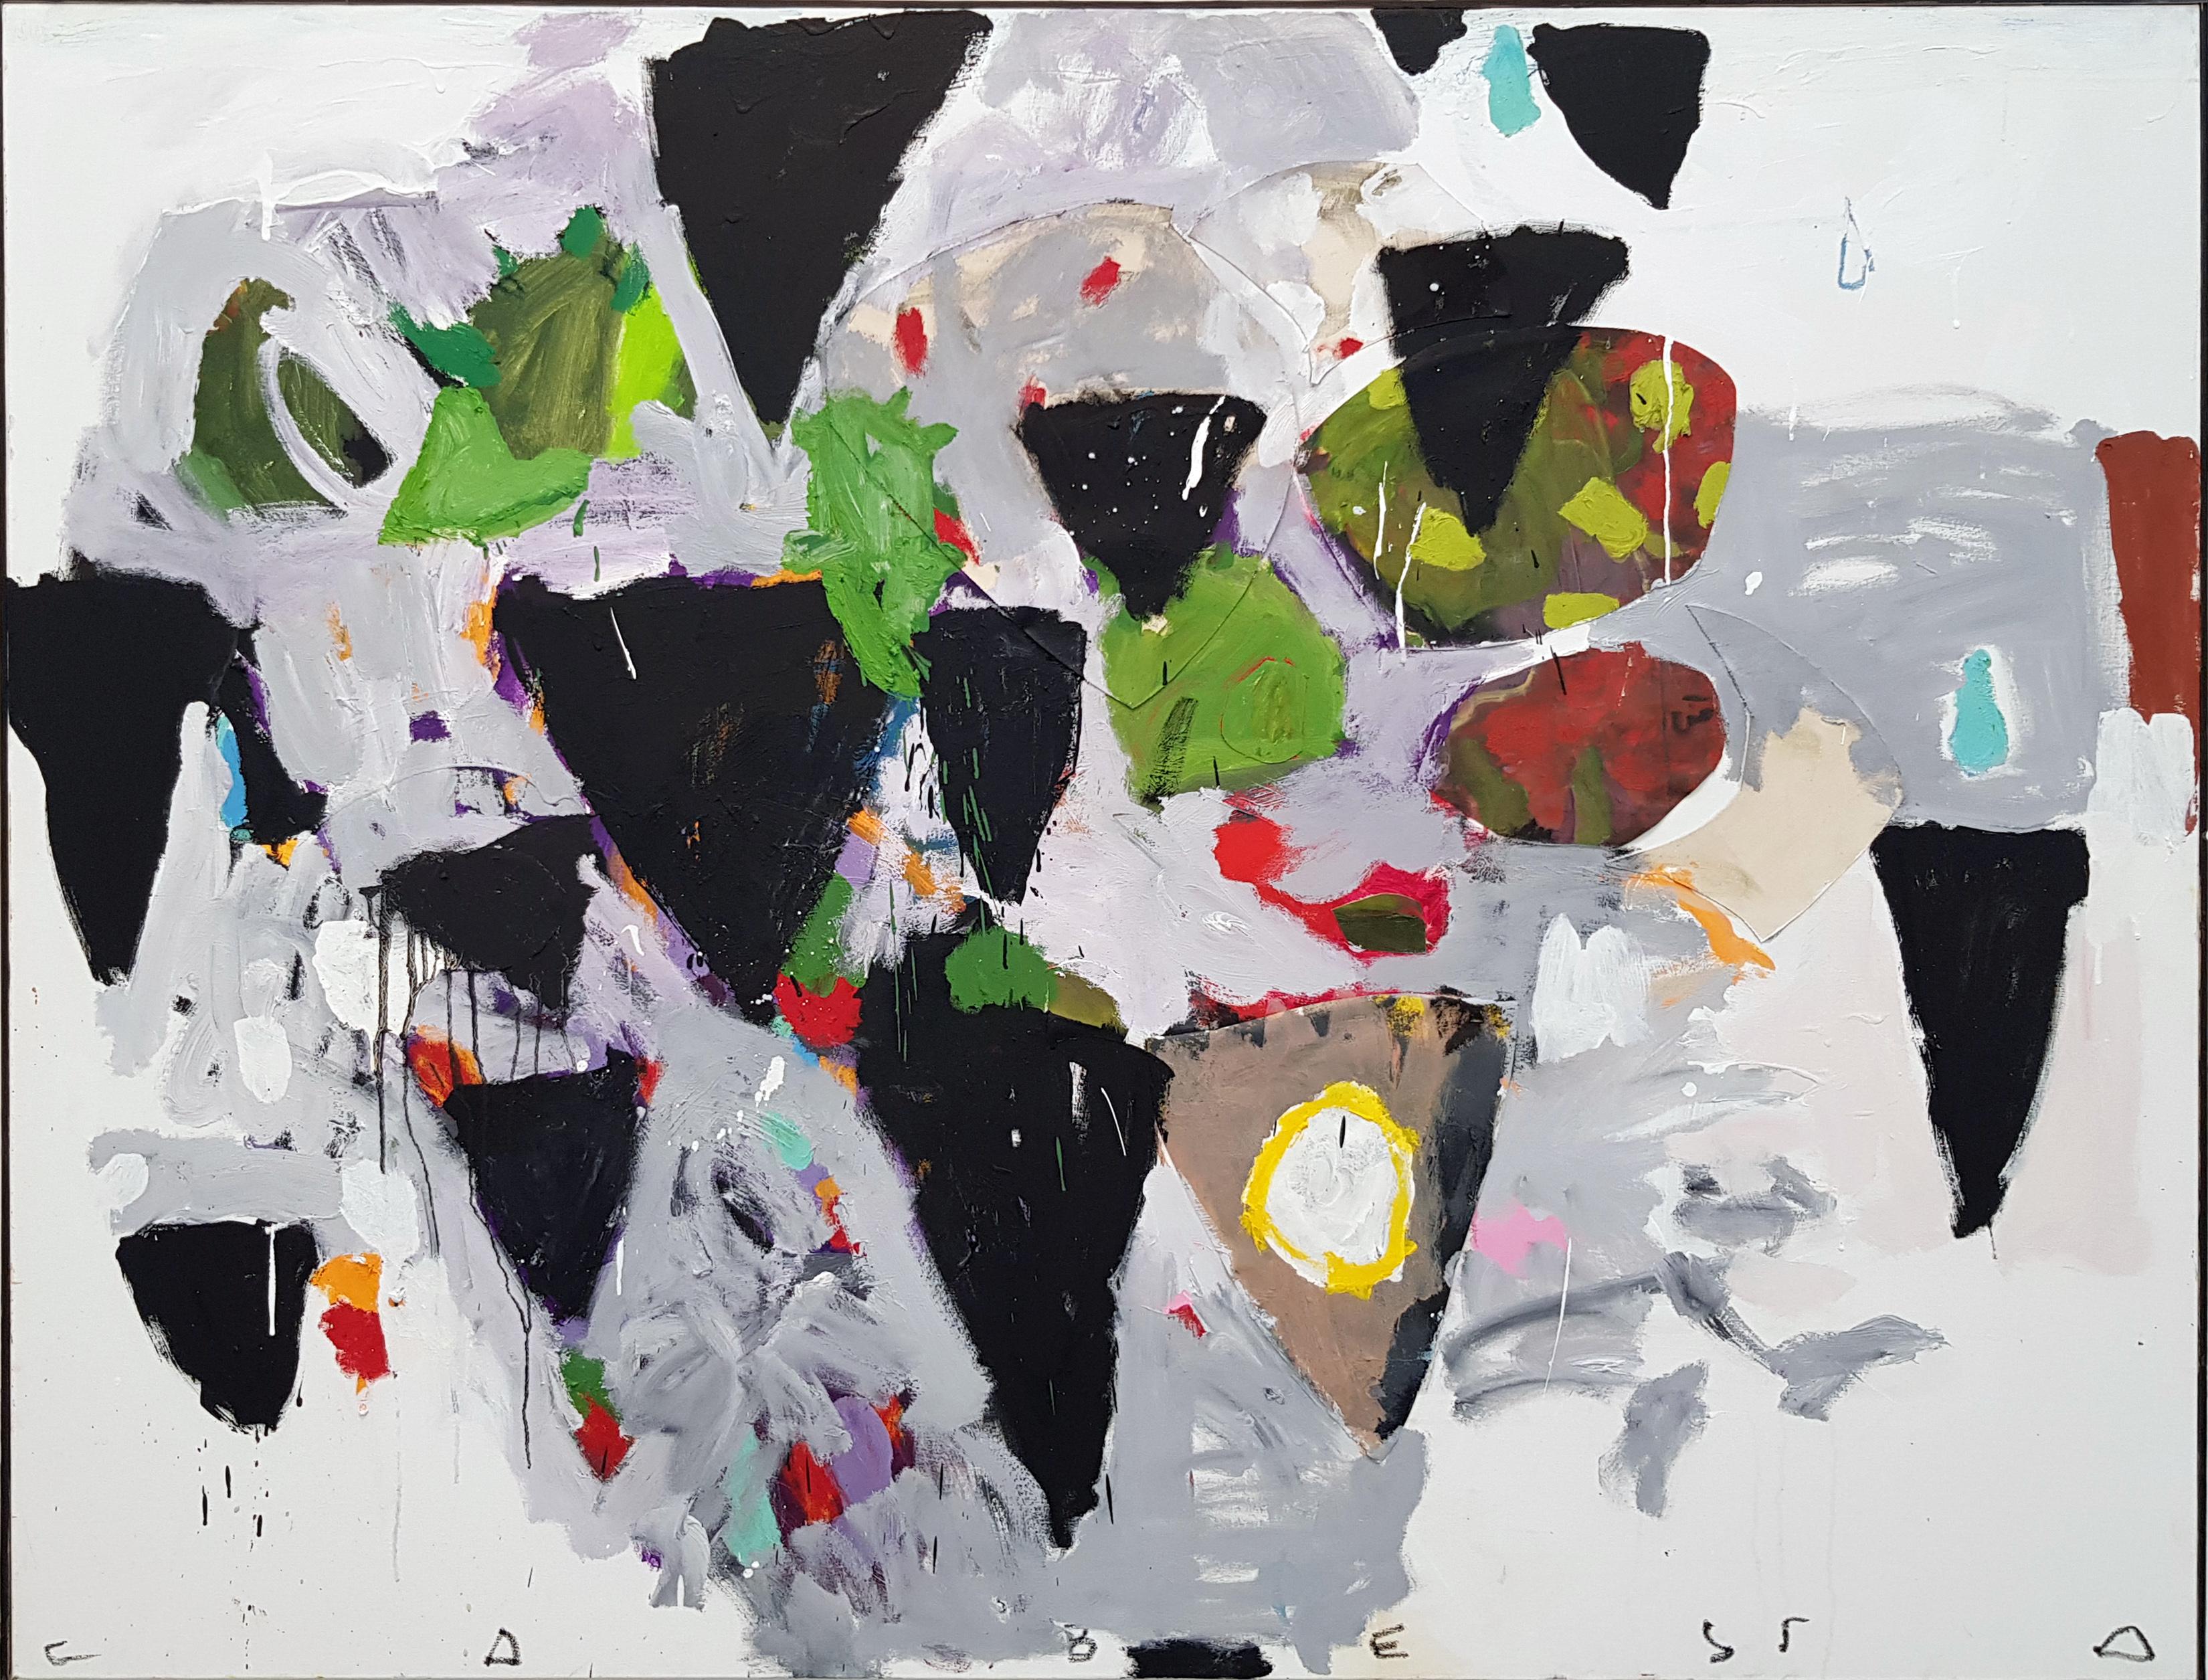 Amit Cabessa, 2018, Oil on canvas, 149